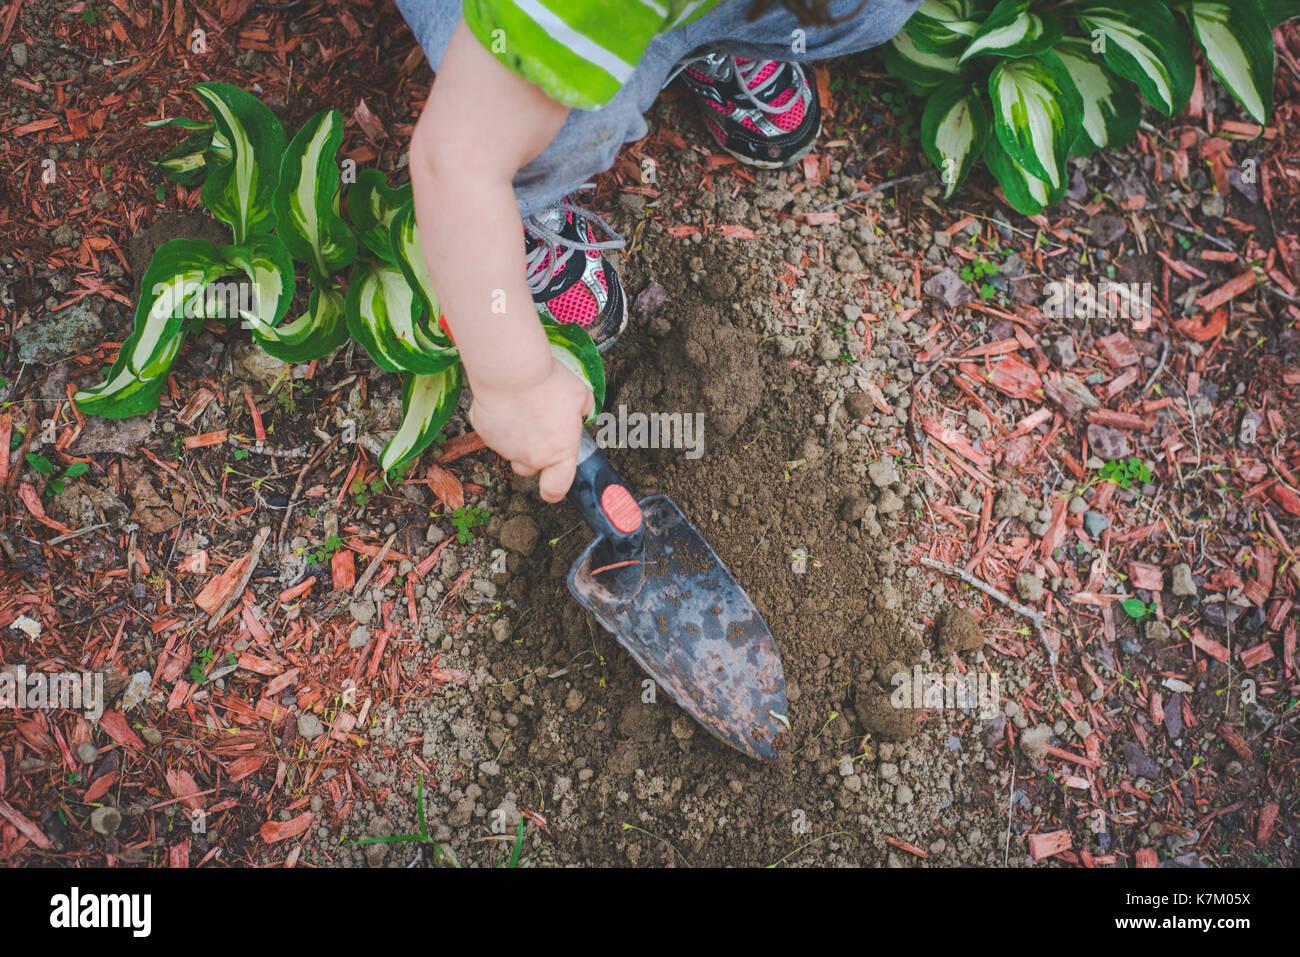 Une petite fille creuse avec un chat dans un jardin. Photo Stock